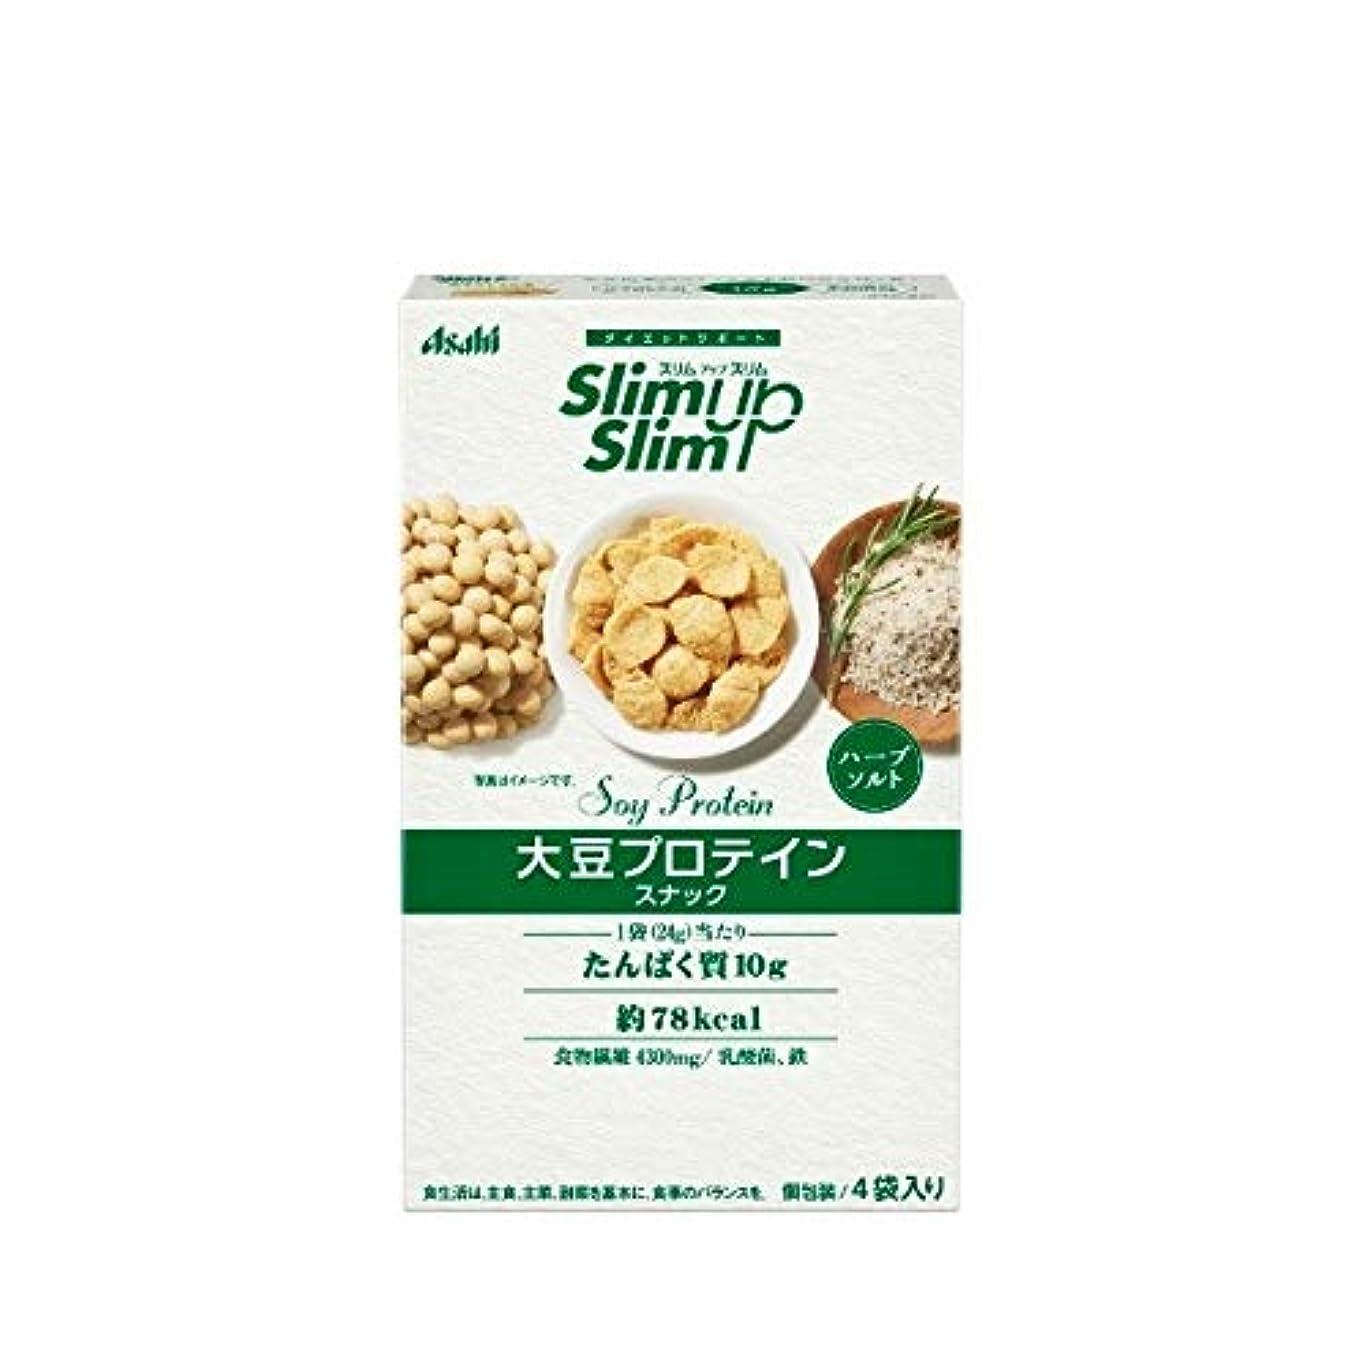 エンコミウム送信する不平を言うアサヒグループ食品 スリムアップスリム 大豆プロテインスナック(ハーブソルト) 80g(20g×4袋)